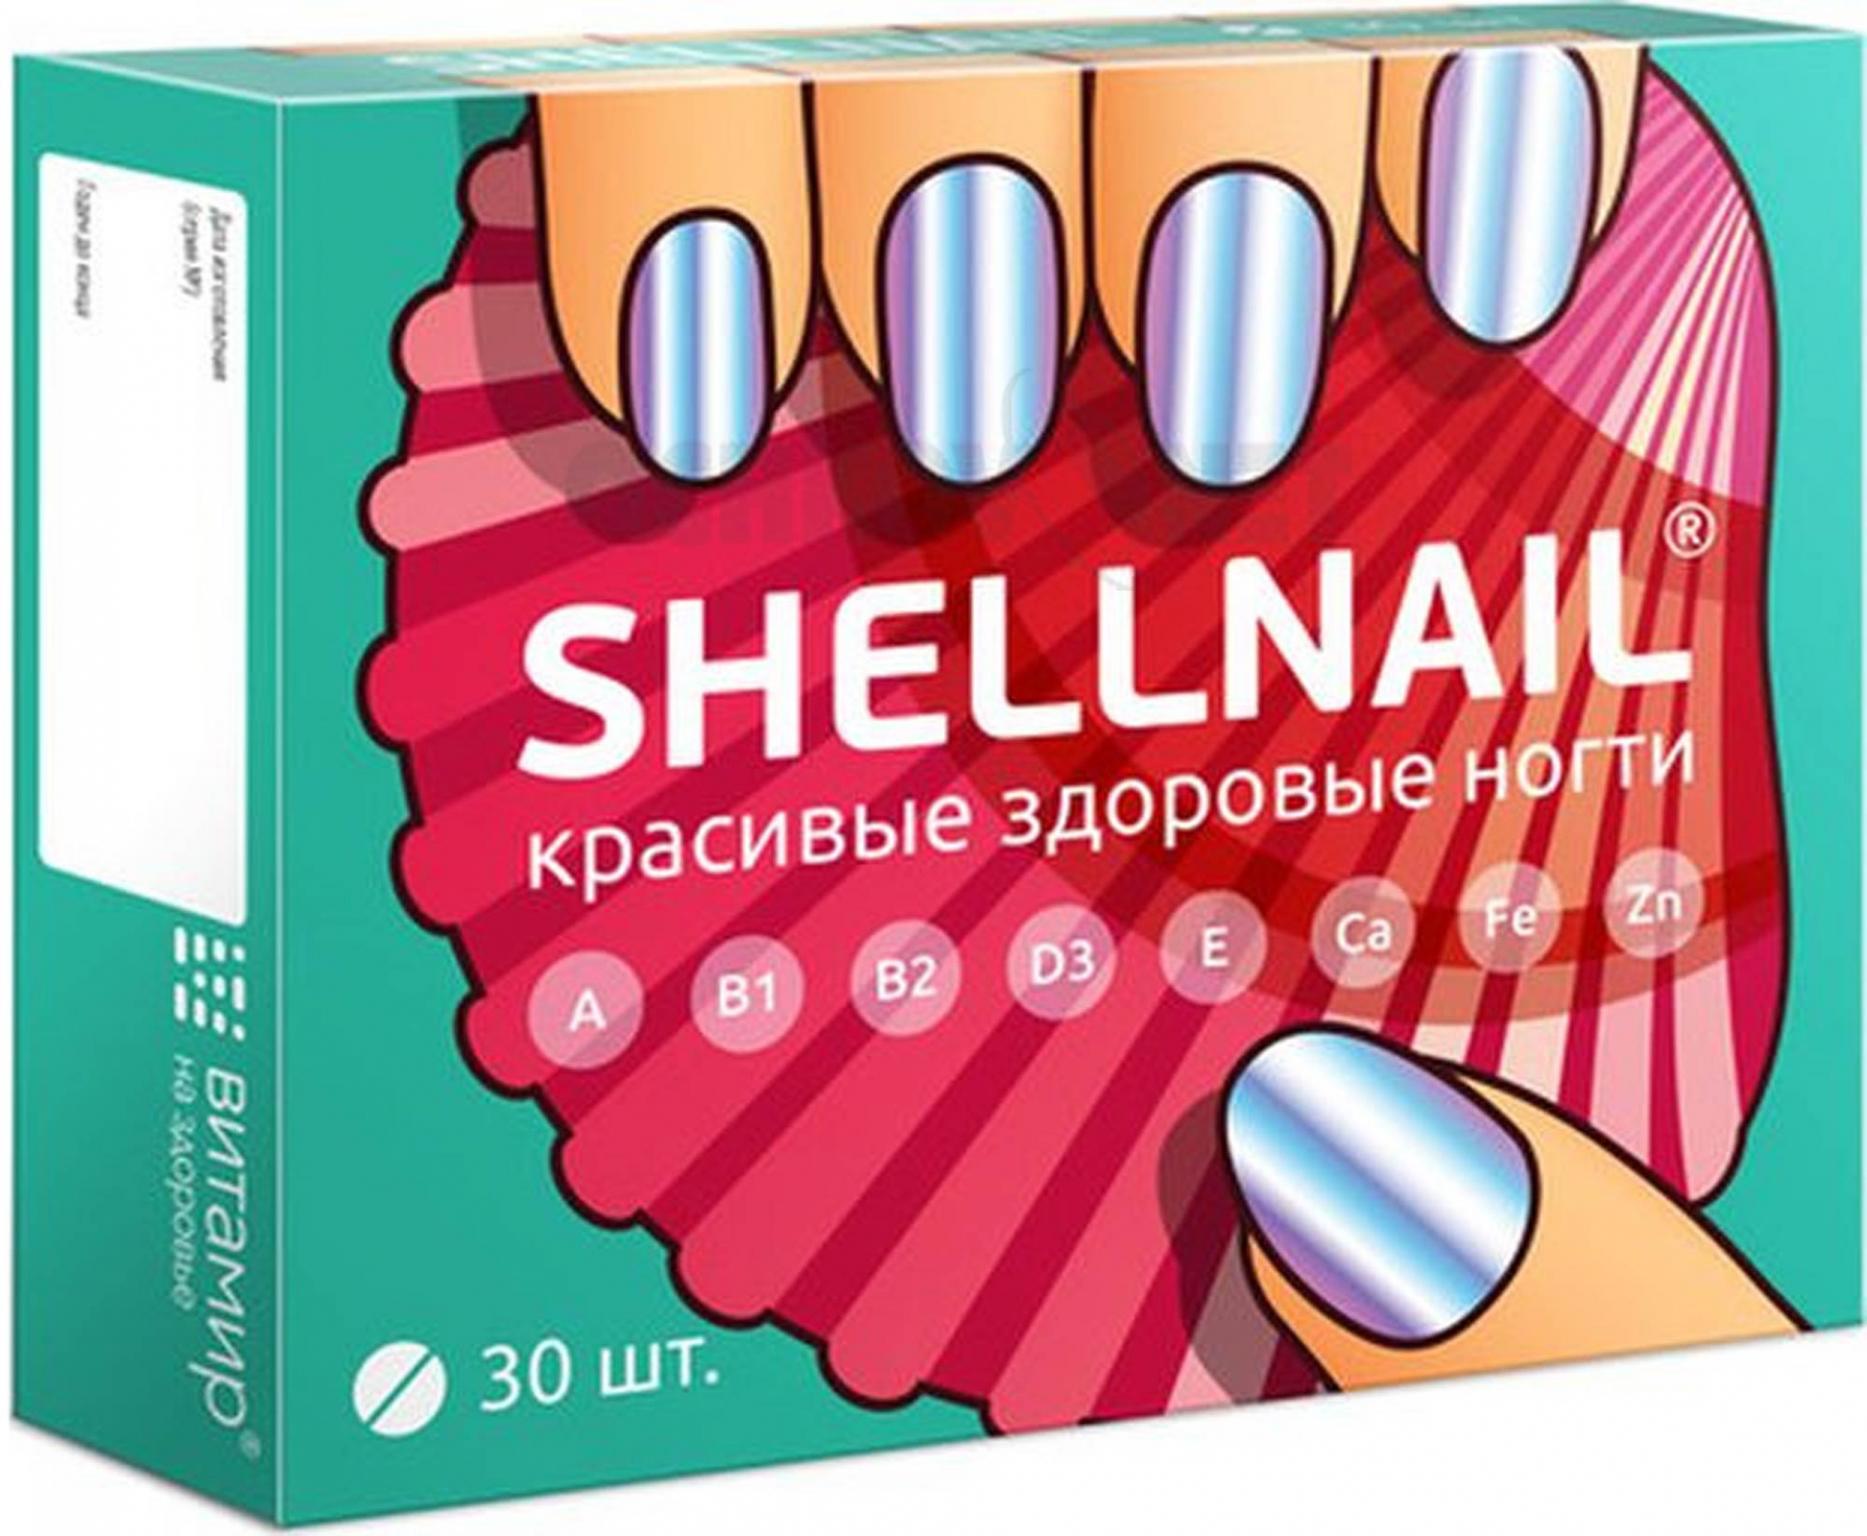 Shallnail /Шеллнейл 30 таблеток